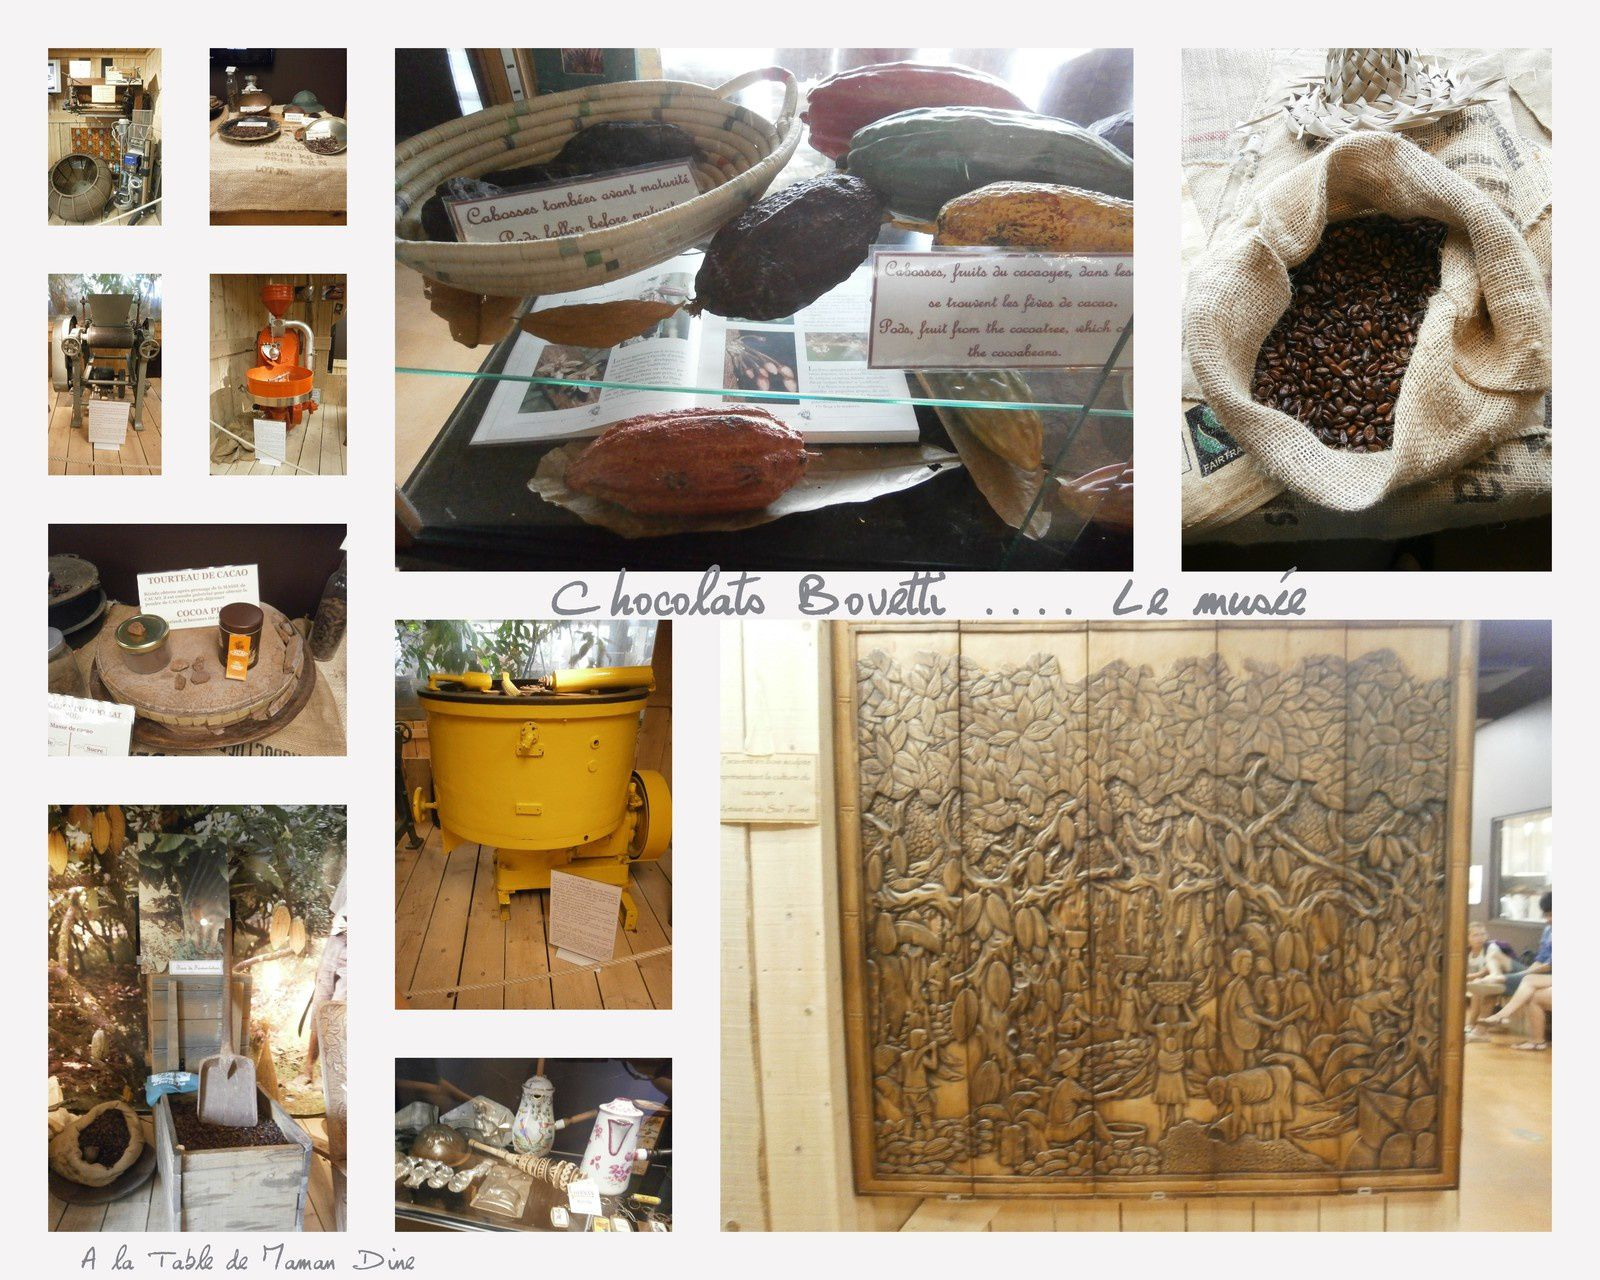 Chocolaterie et musée Bovetti ~ Ballade gourmande en Perigord ~